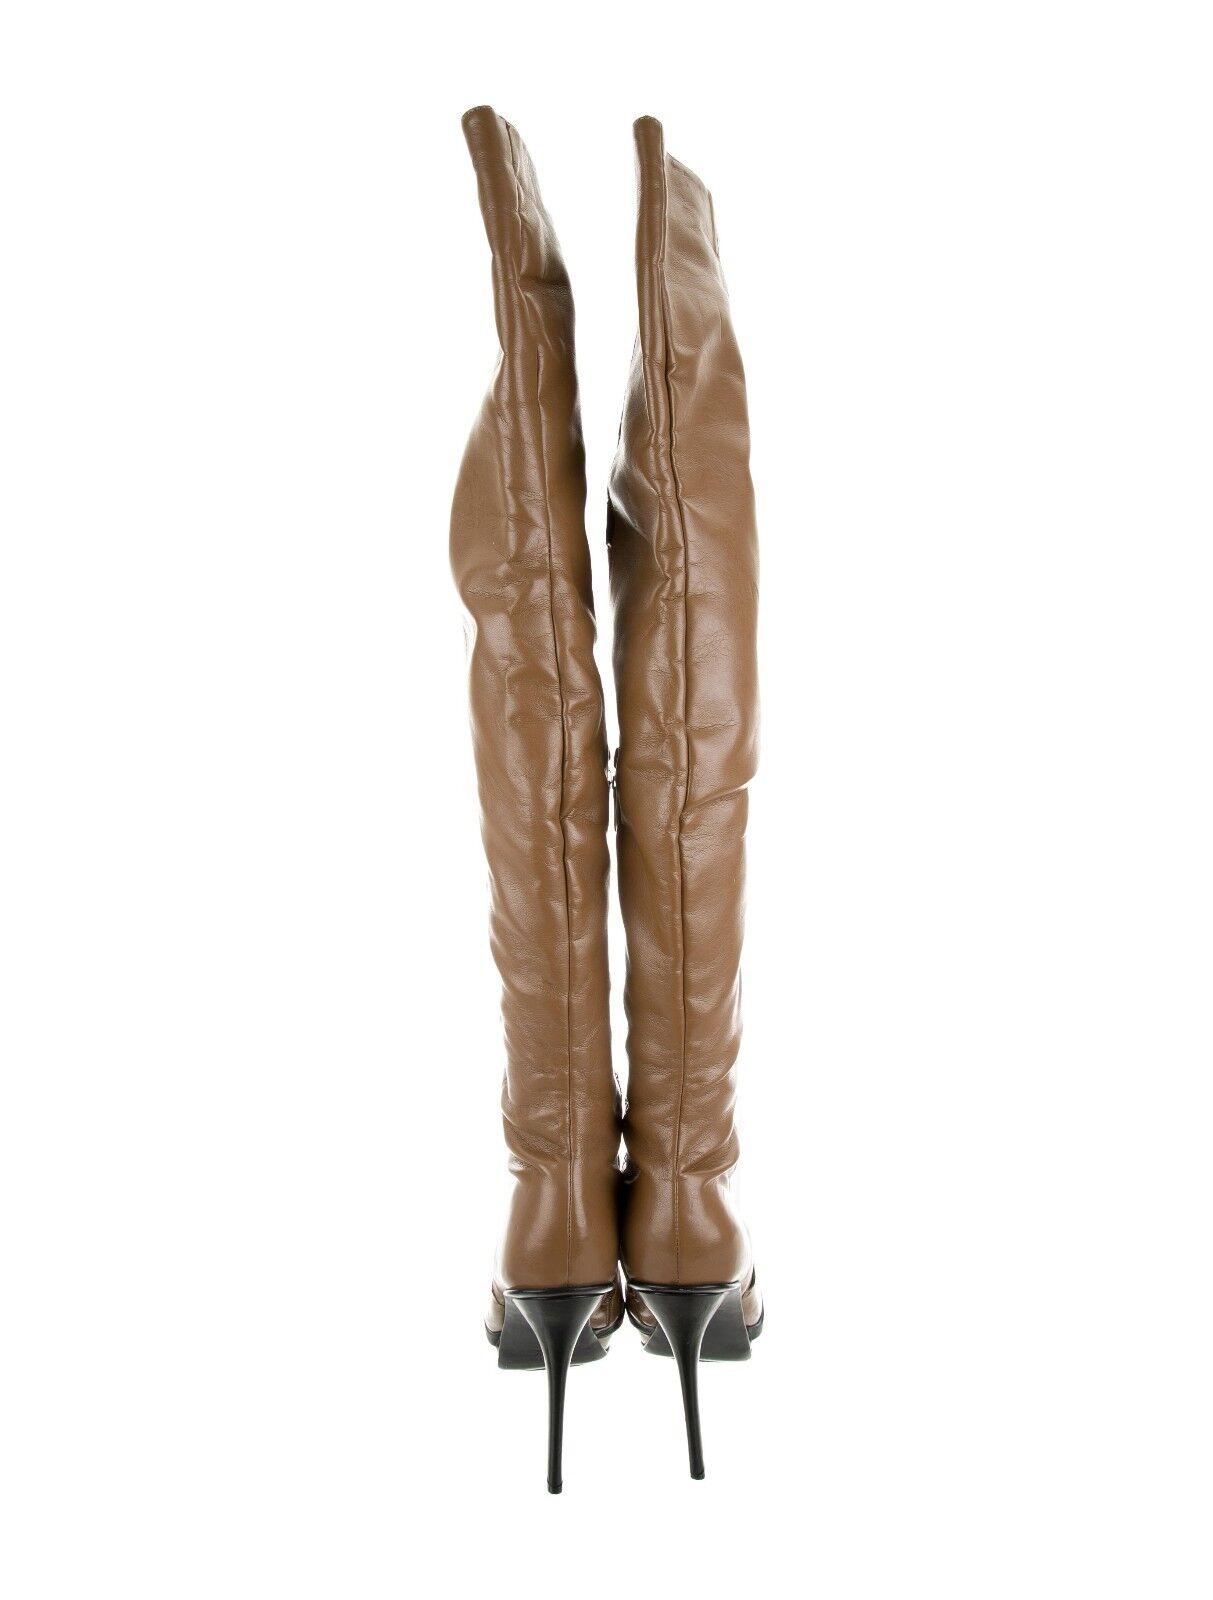 10 Alexandre Birman de plataforma over-the-la rodilla botas de cuero, 1 de Birman un tipo, Agotado c706a9